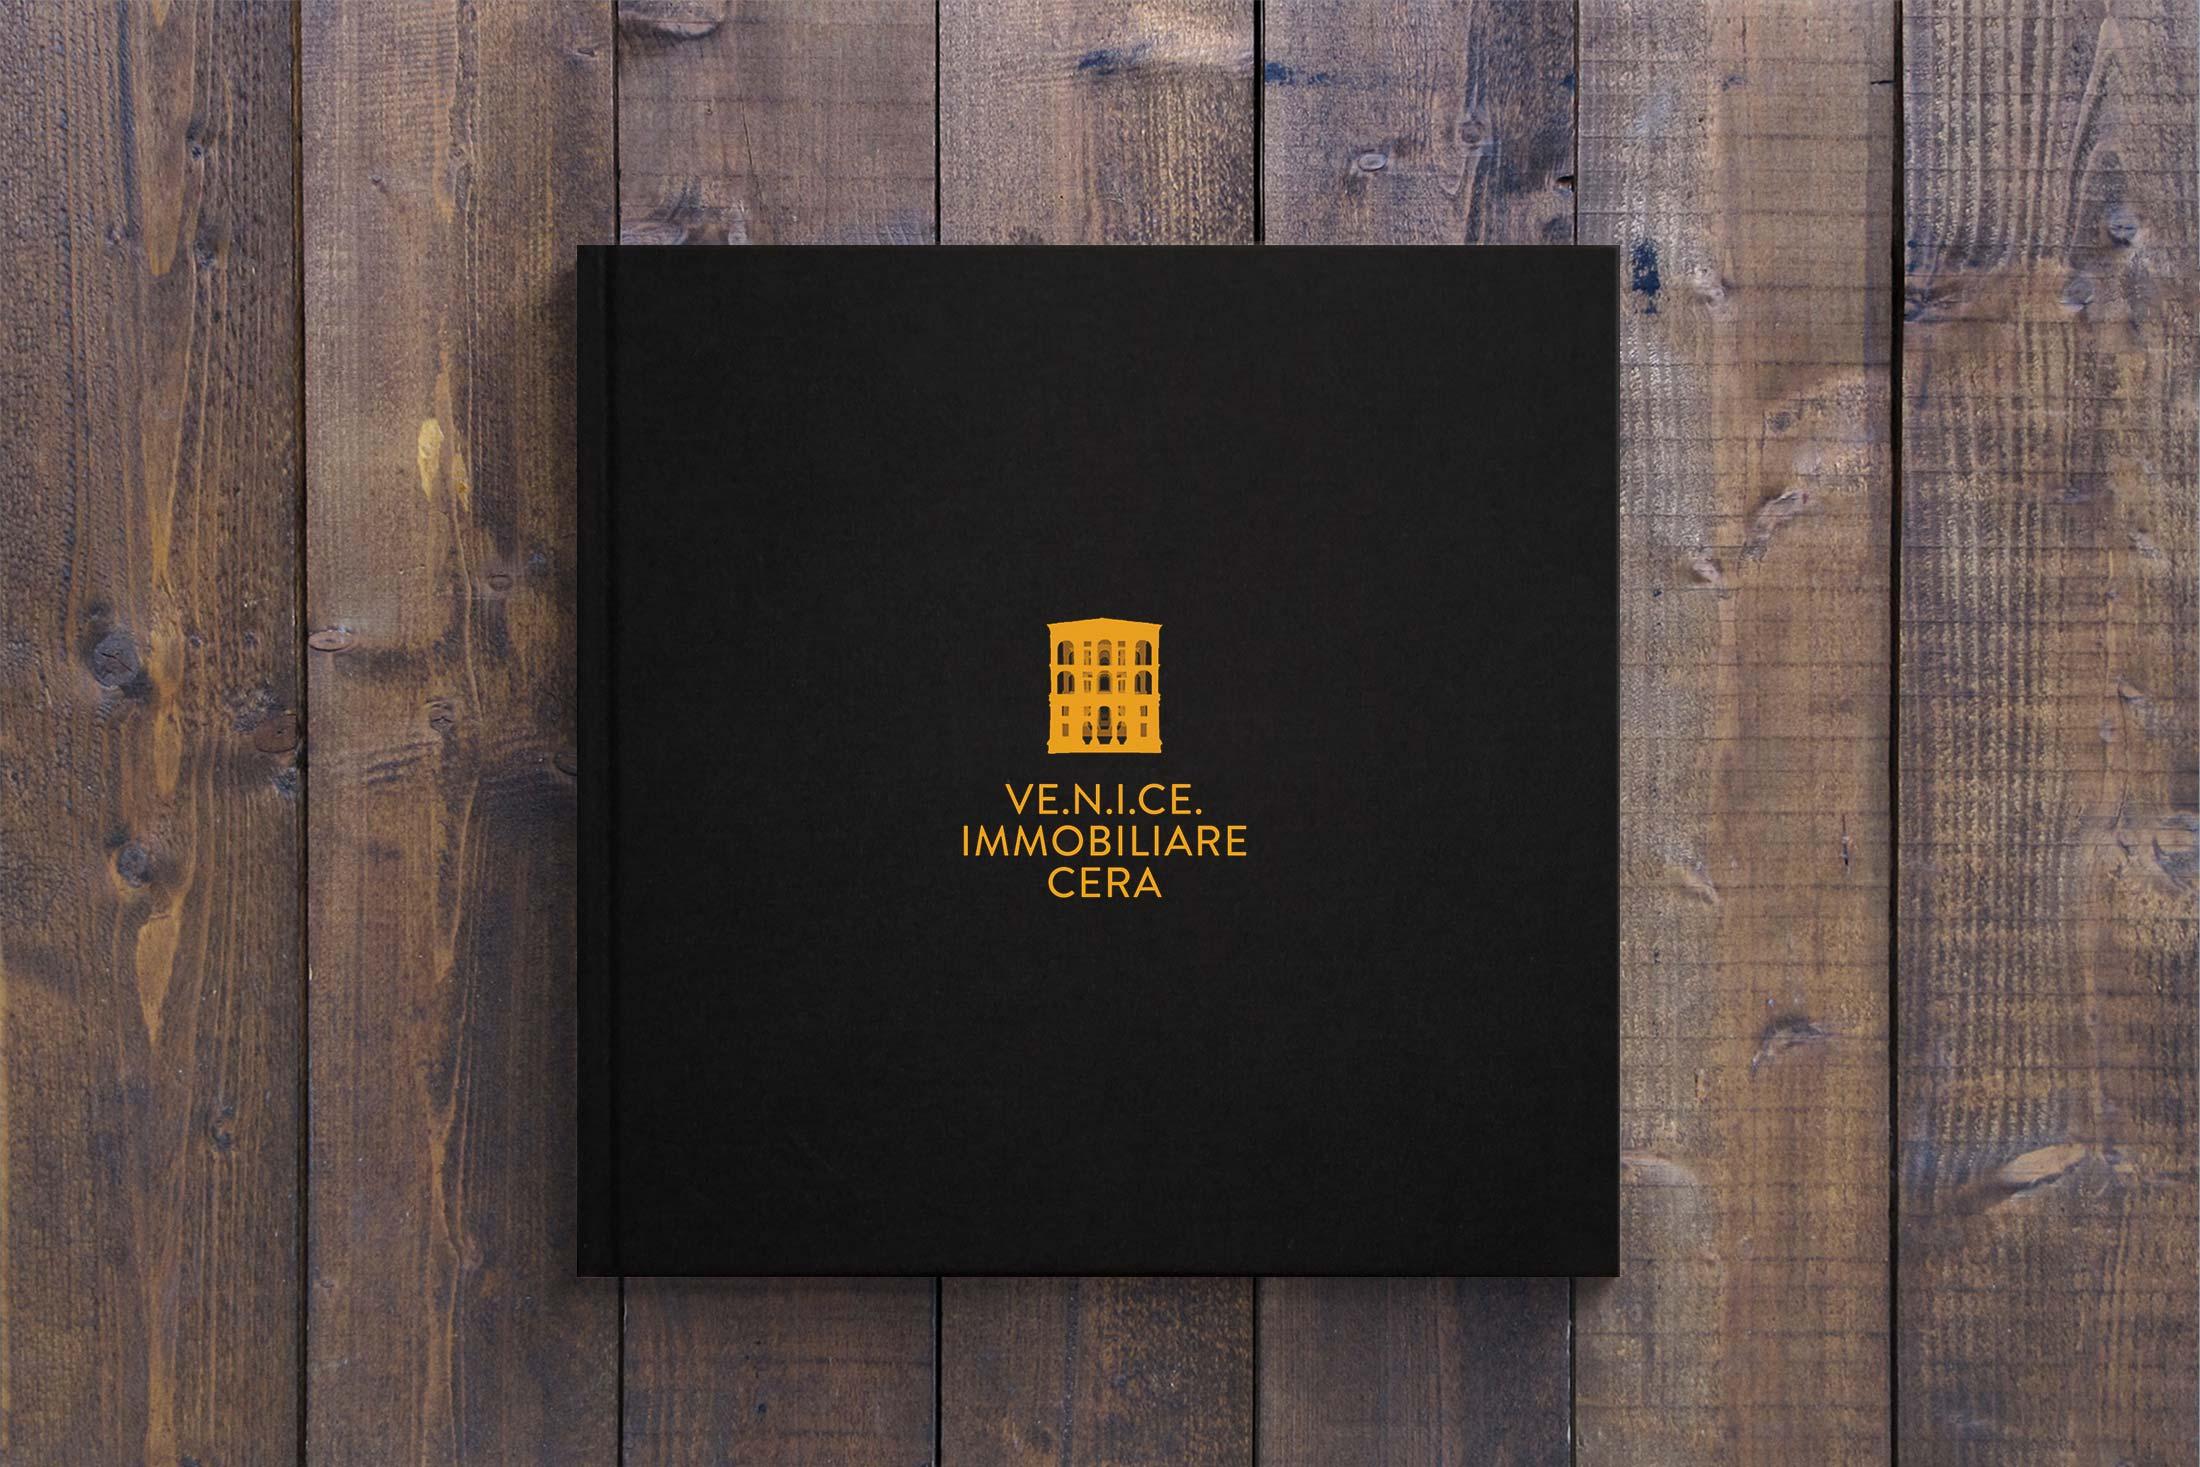 Immobiliare Cera - copertina